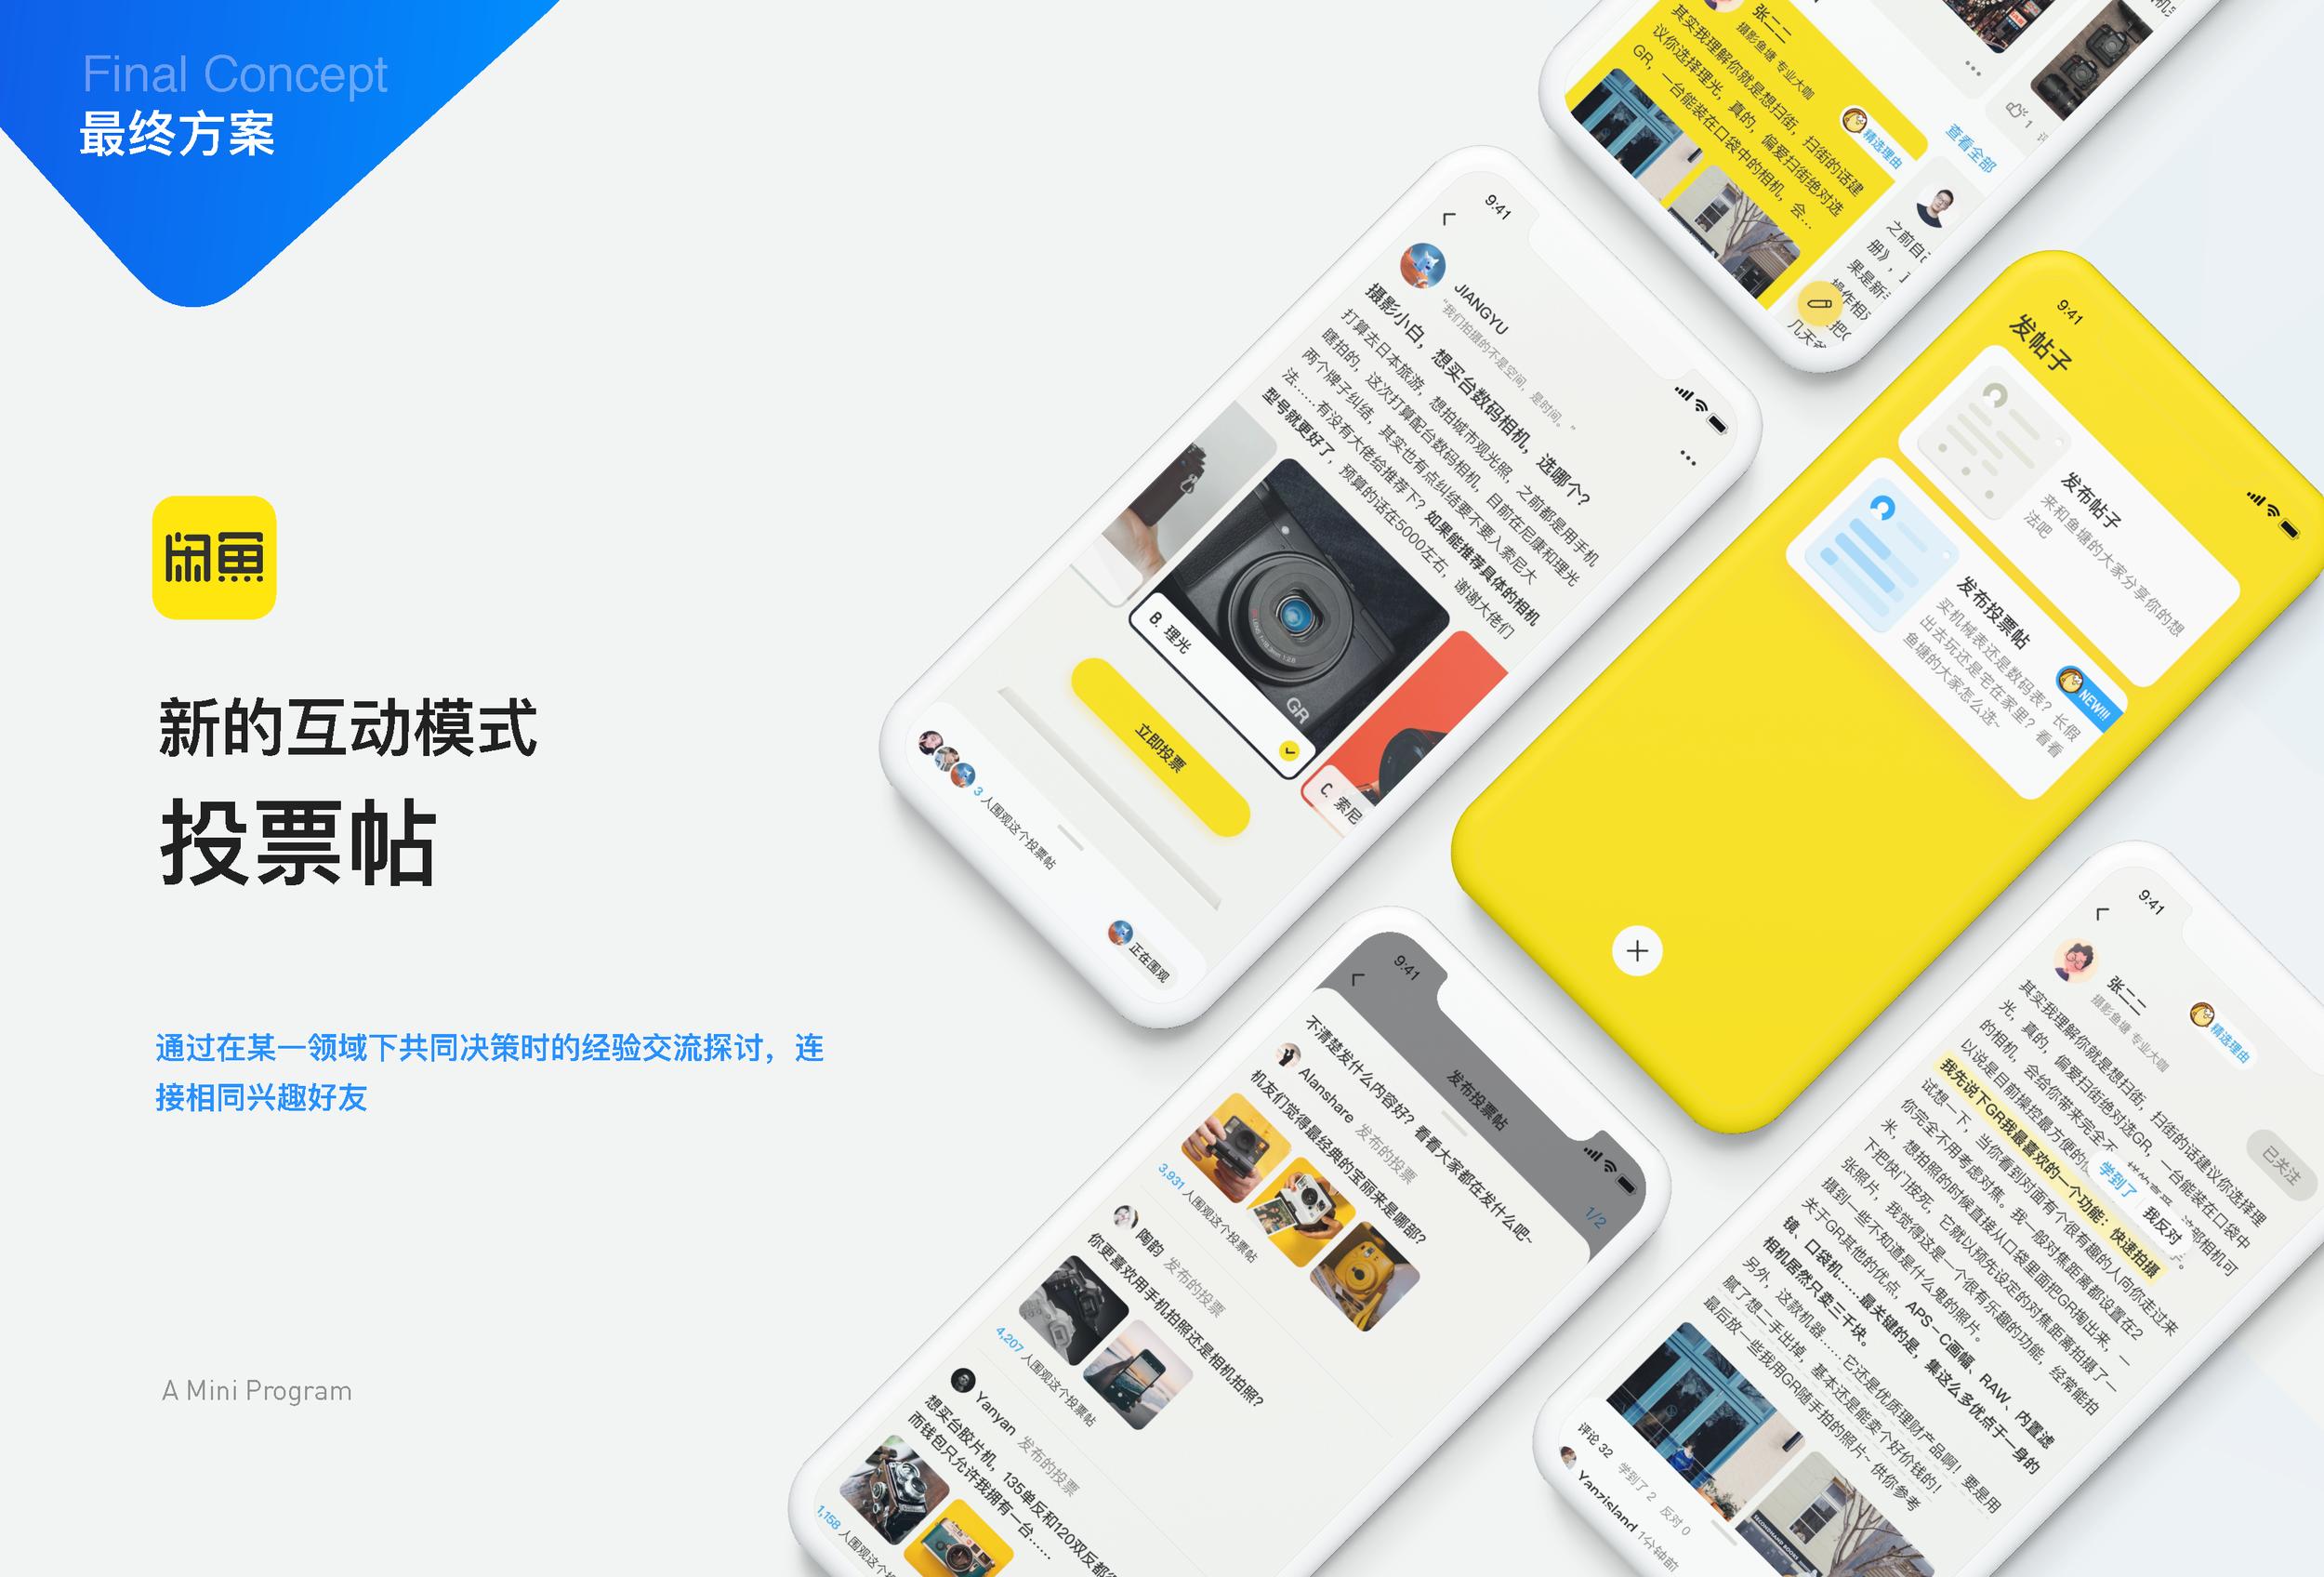 闲鱼社区互动设计(17小组油猫饼)_页面_27.png